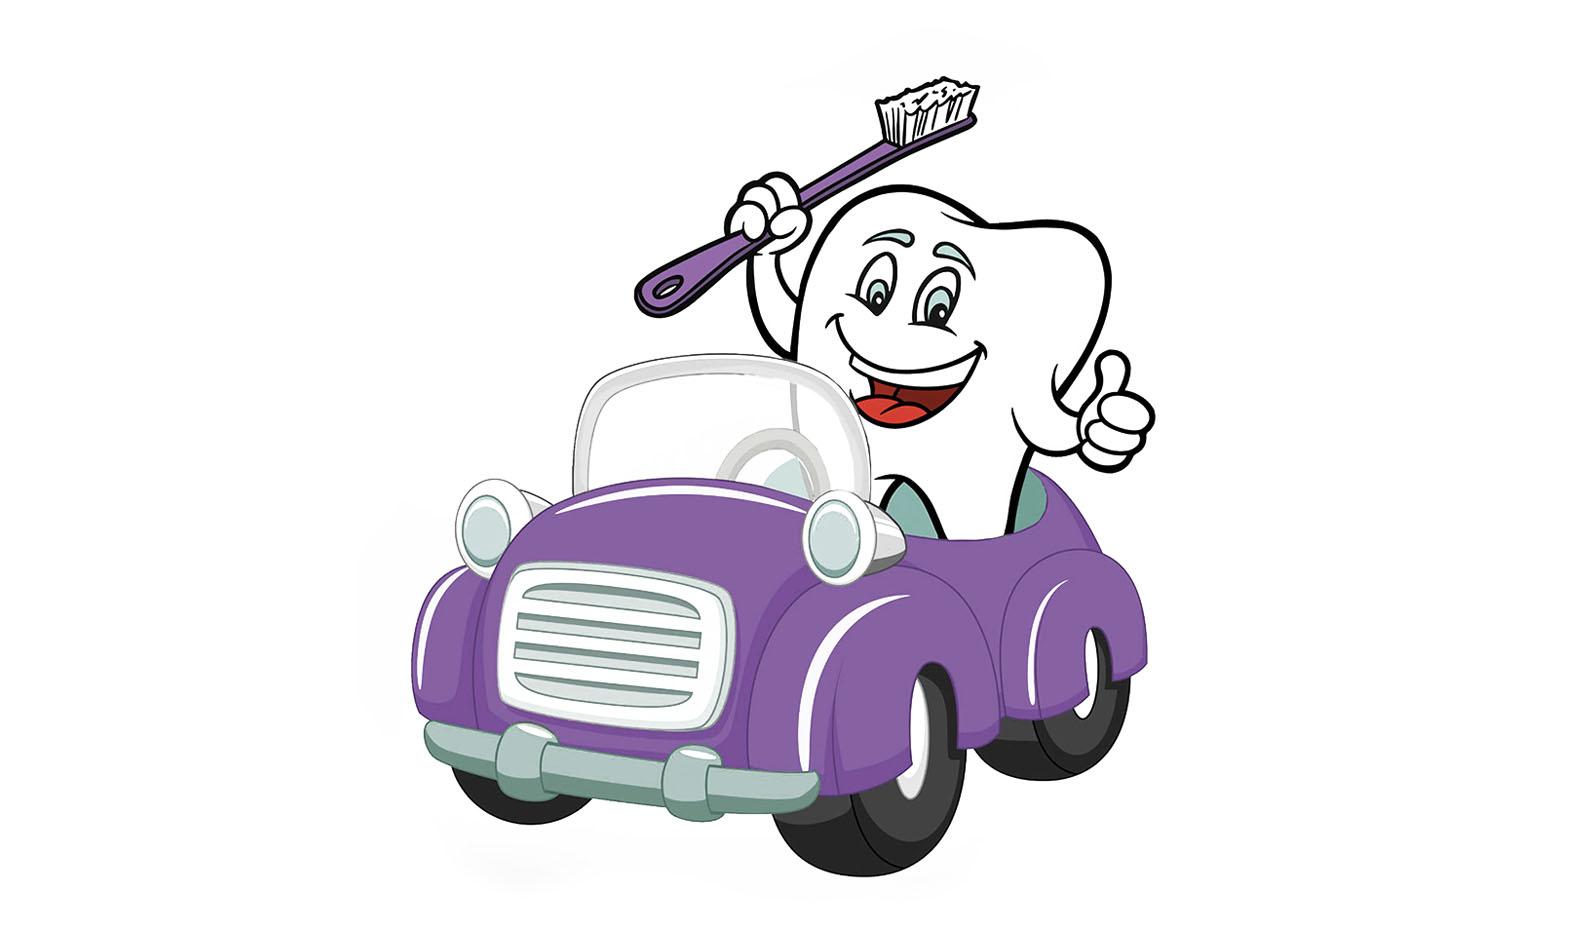 Mobile Dentist logo